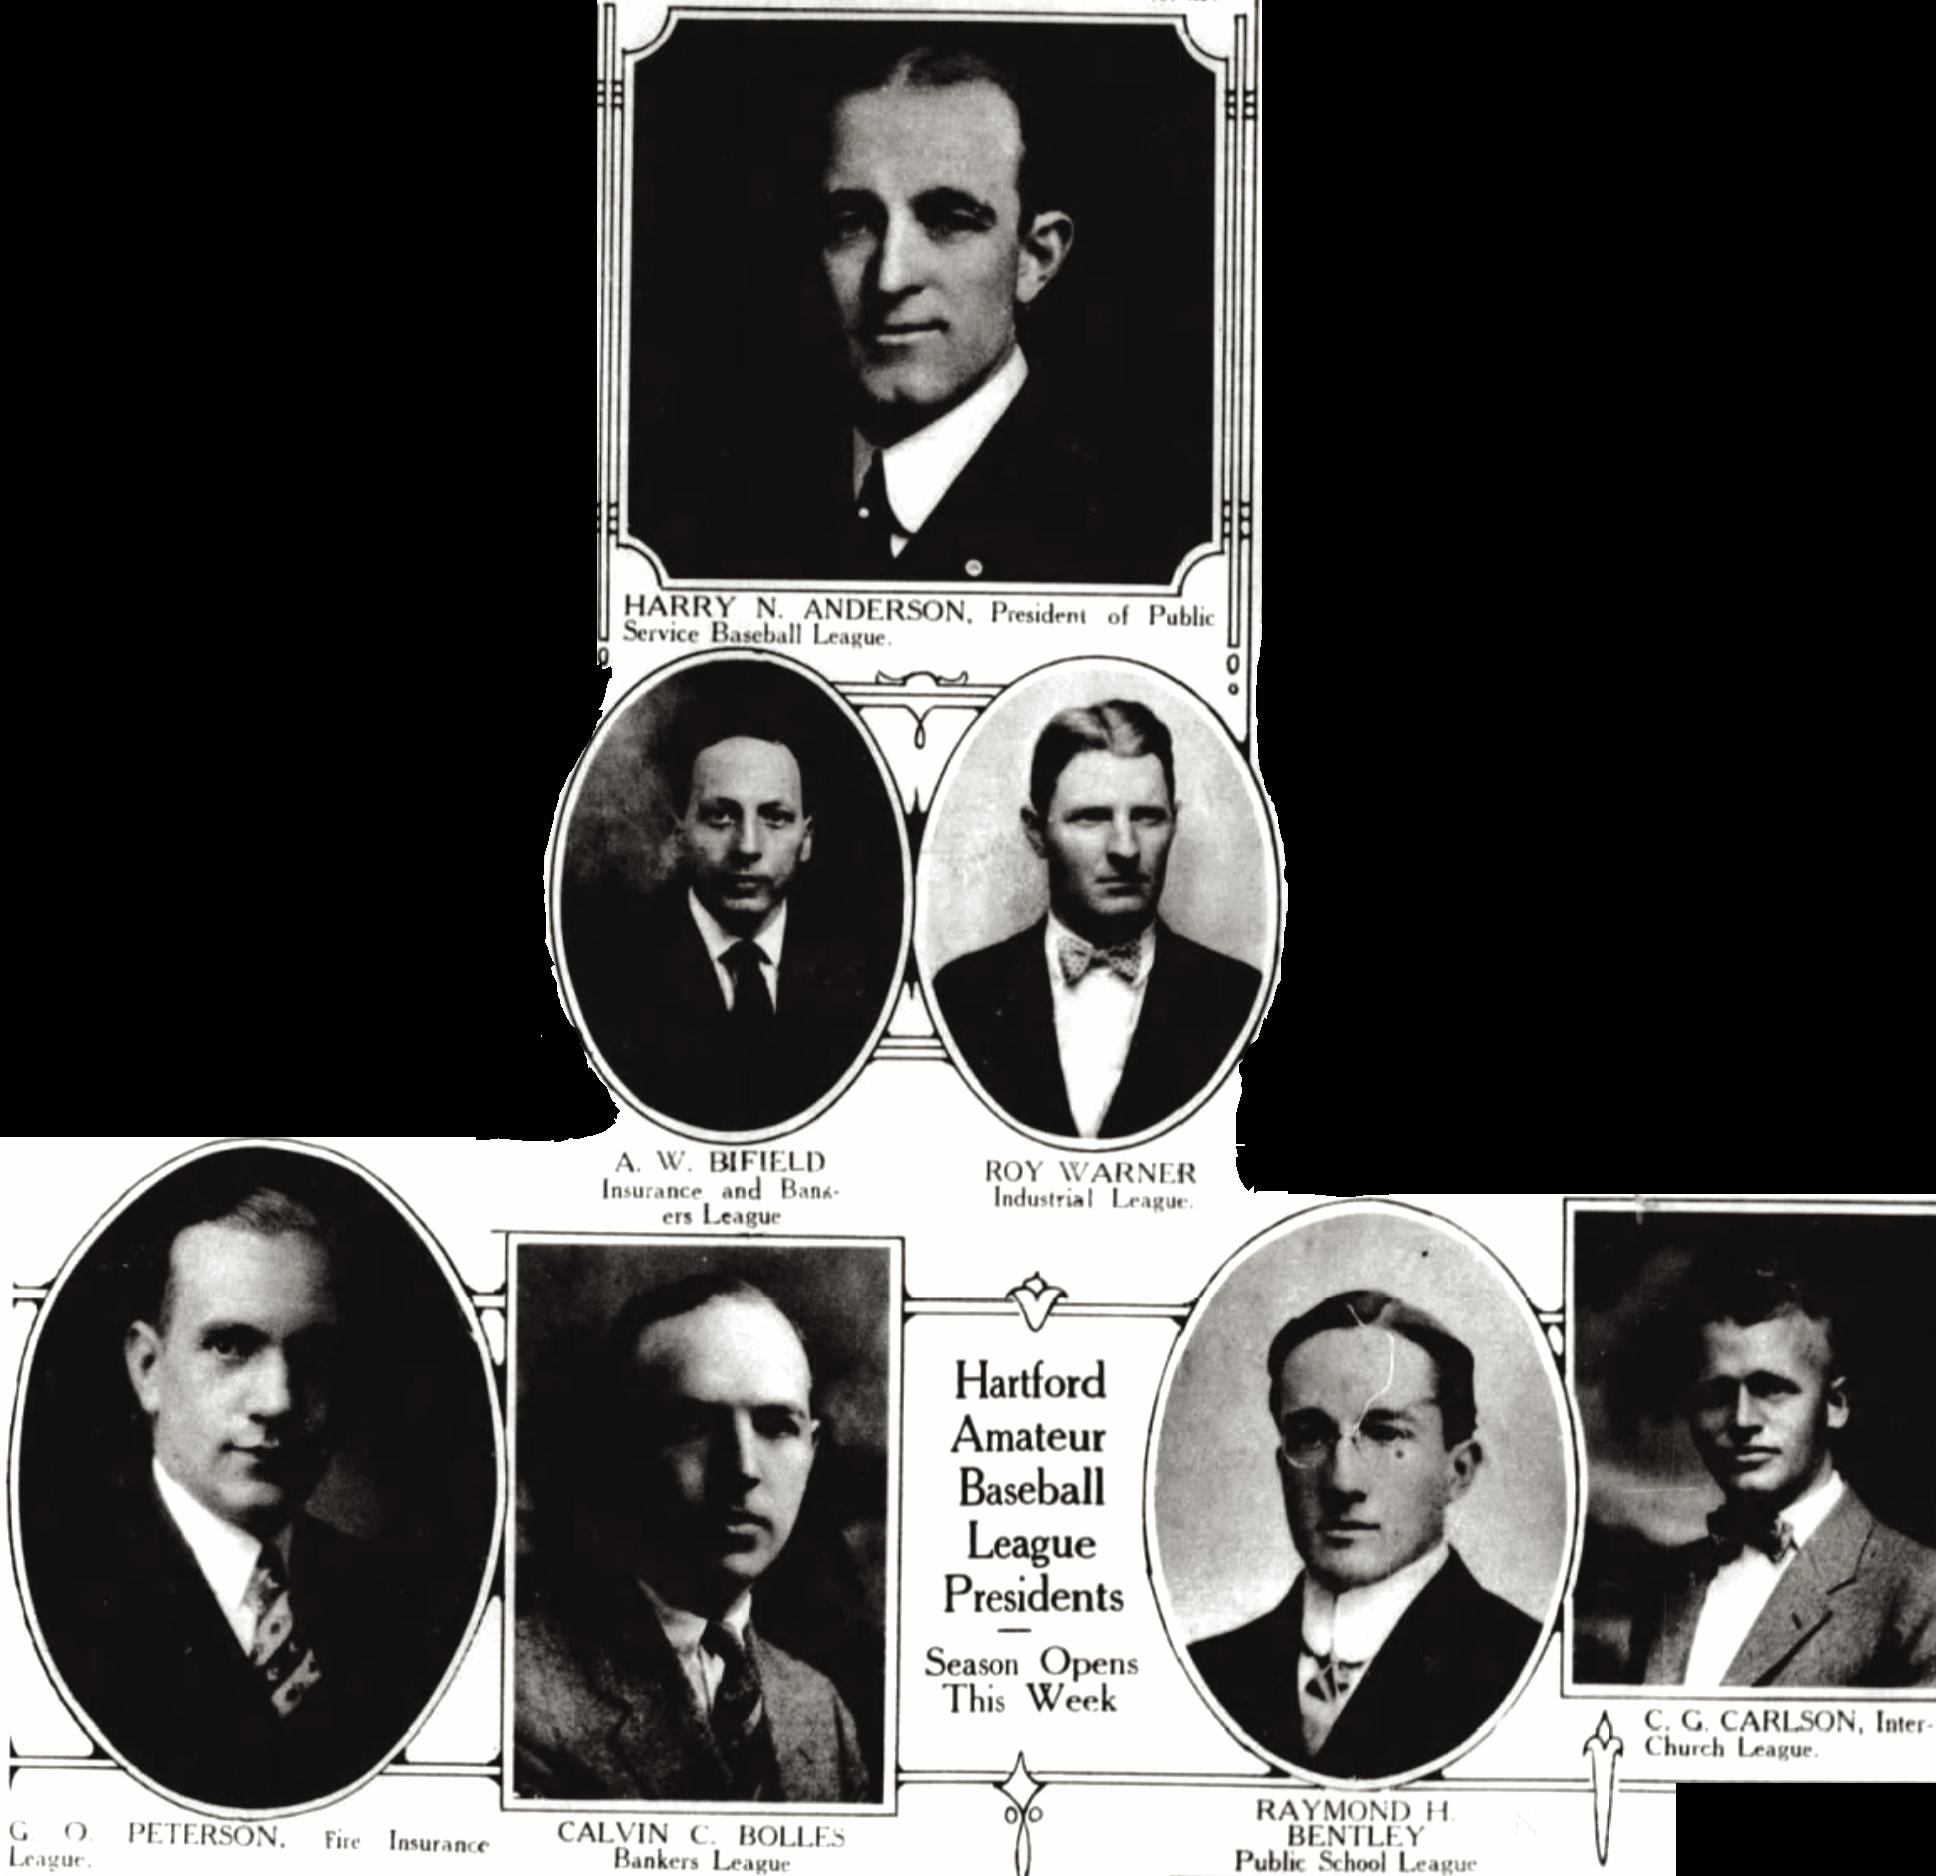 Hartford Amateur Baseball League Presidents, 1929